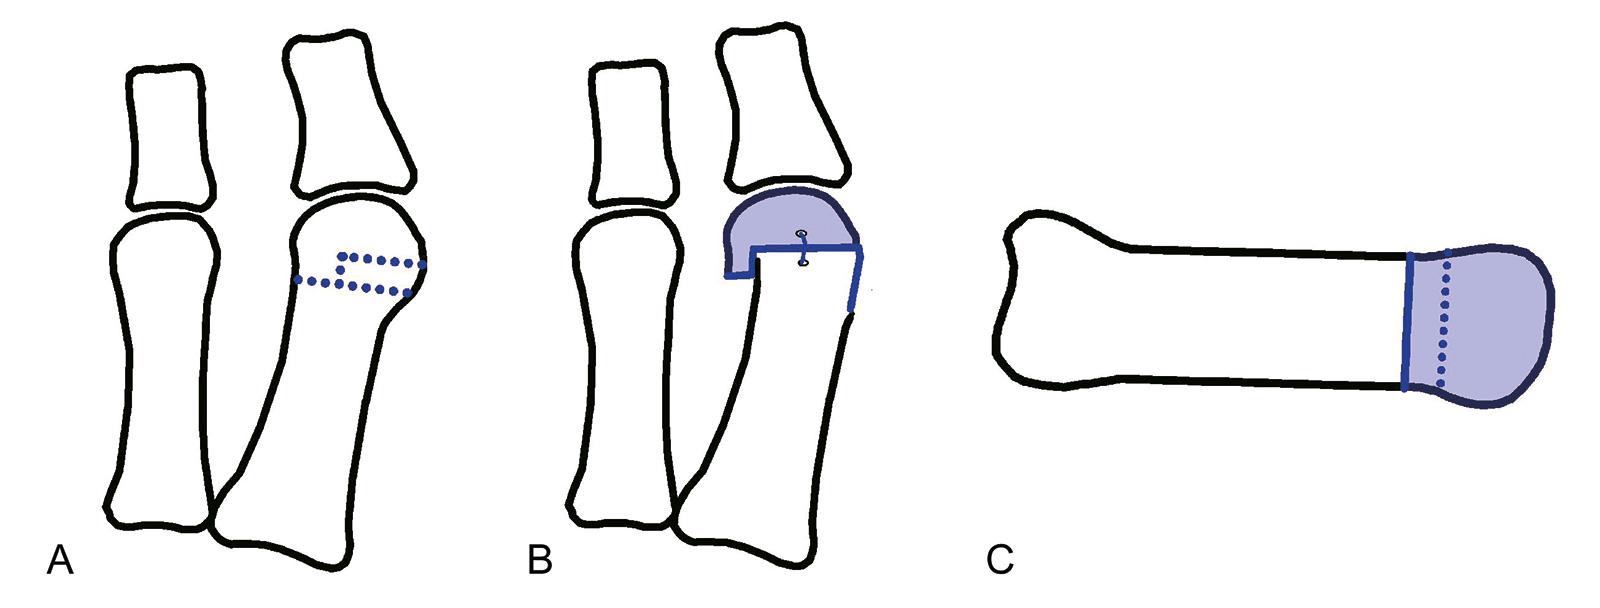 Abb. 6-9: Mitchell-Osteotomie: vor (A) und nach der Operation (B,C)